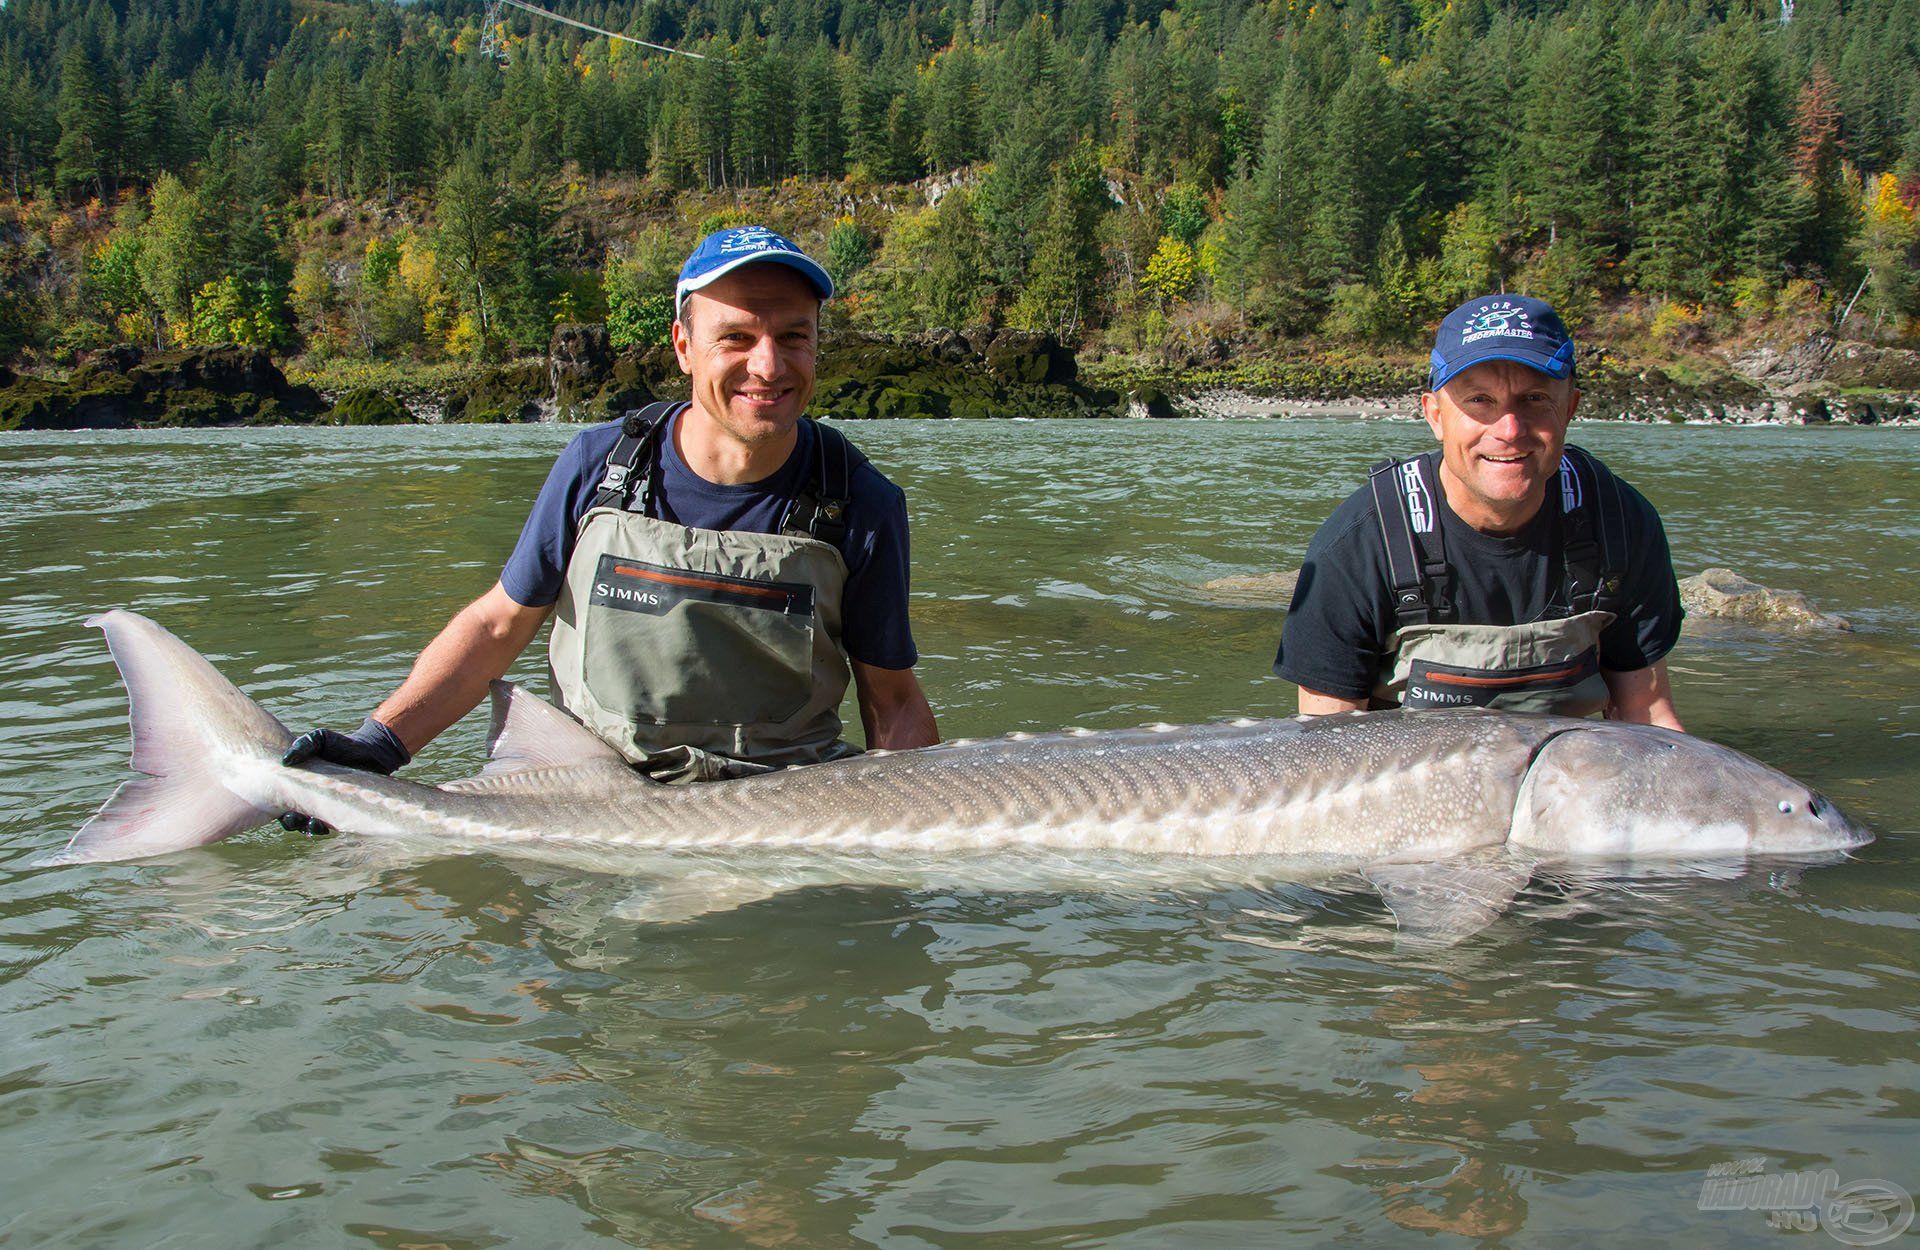 Ilyen halért örömmel megy az ember a pár fokos folyóba